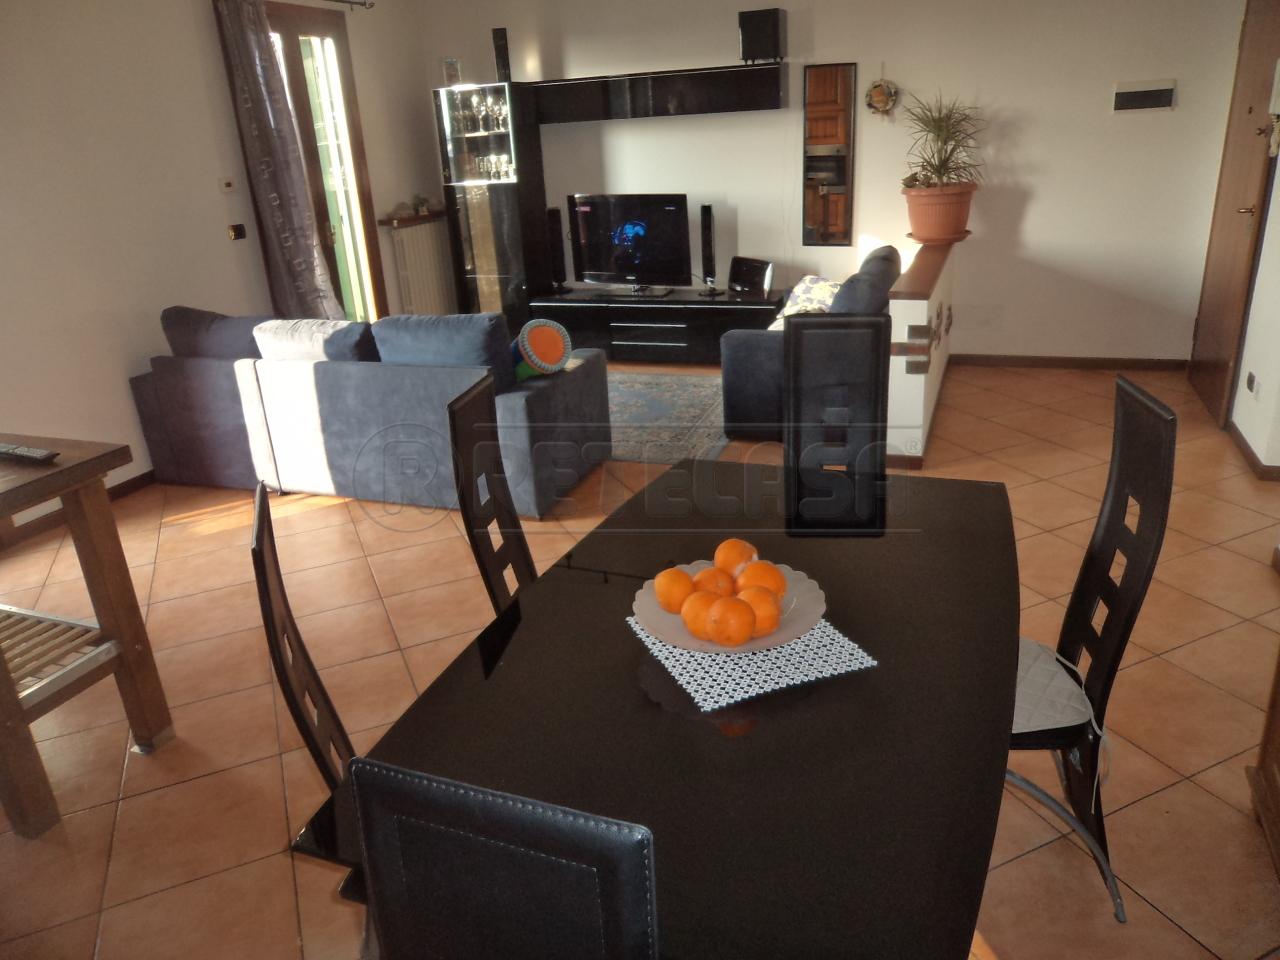 Appartamento in vendita a Camposampiero, 3 locali, prezzo € 125.000 | Cambio Casa.it